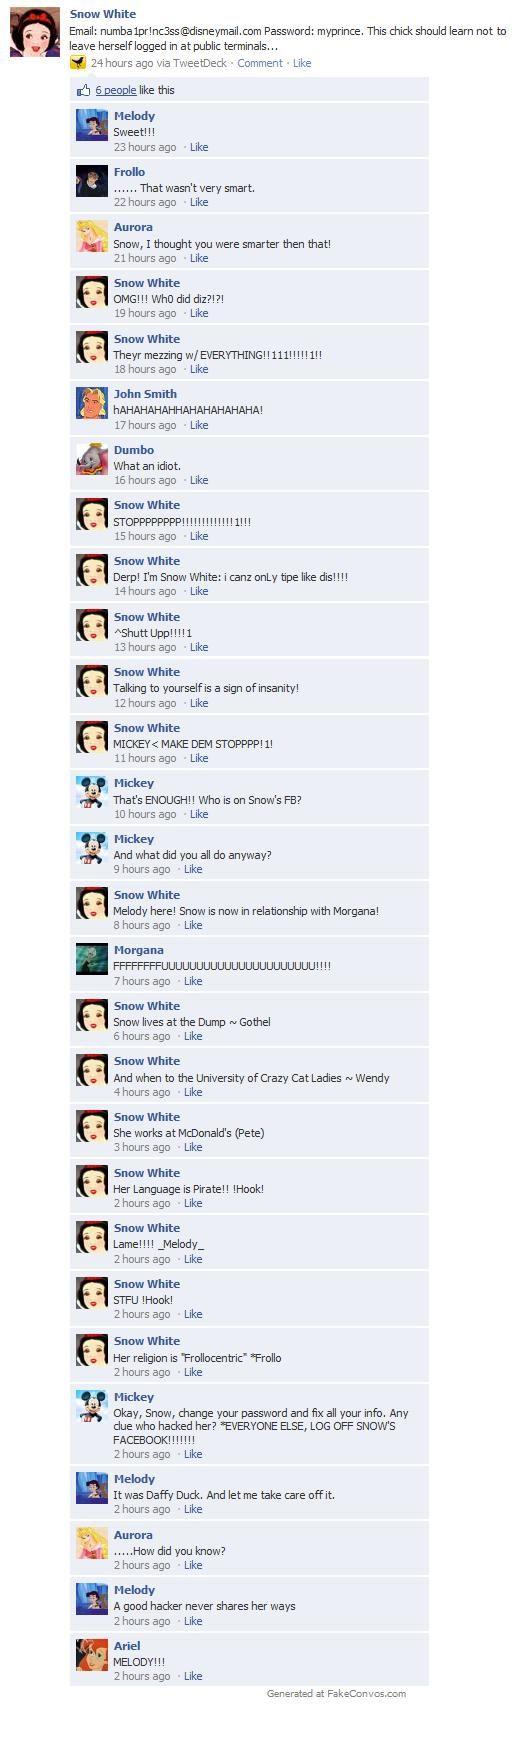 Disney Meets Facebook: Hacked